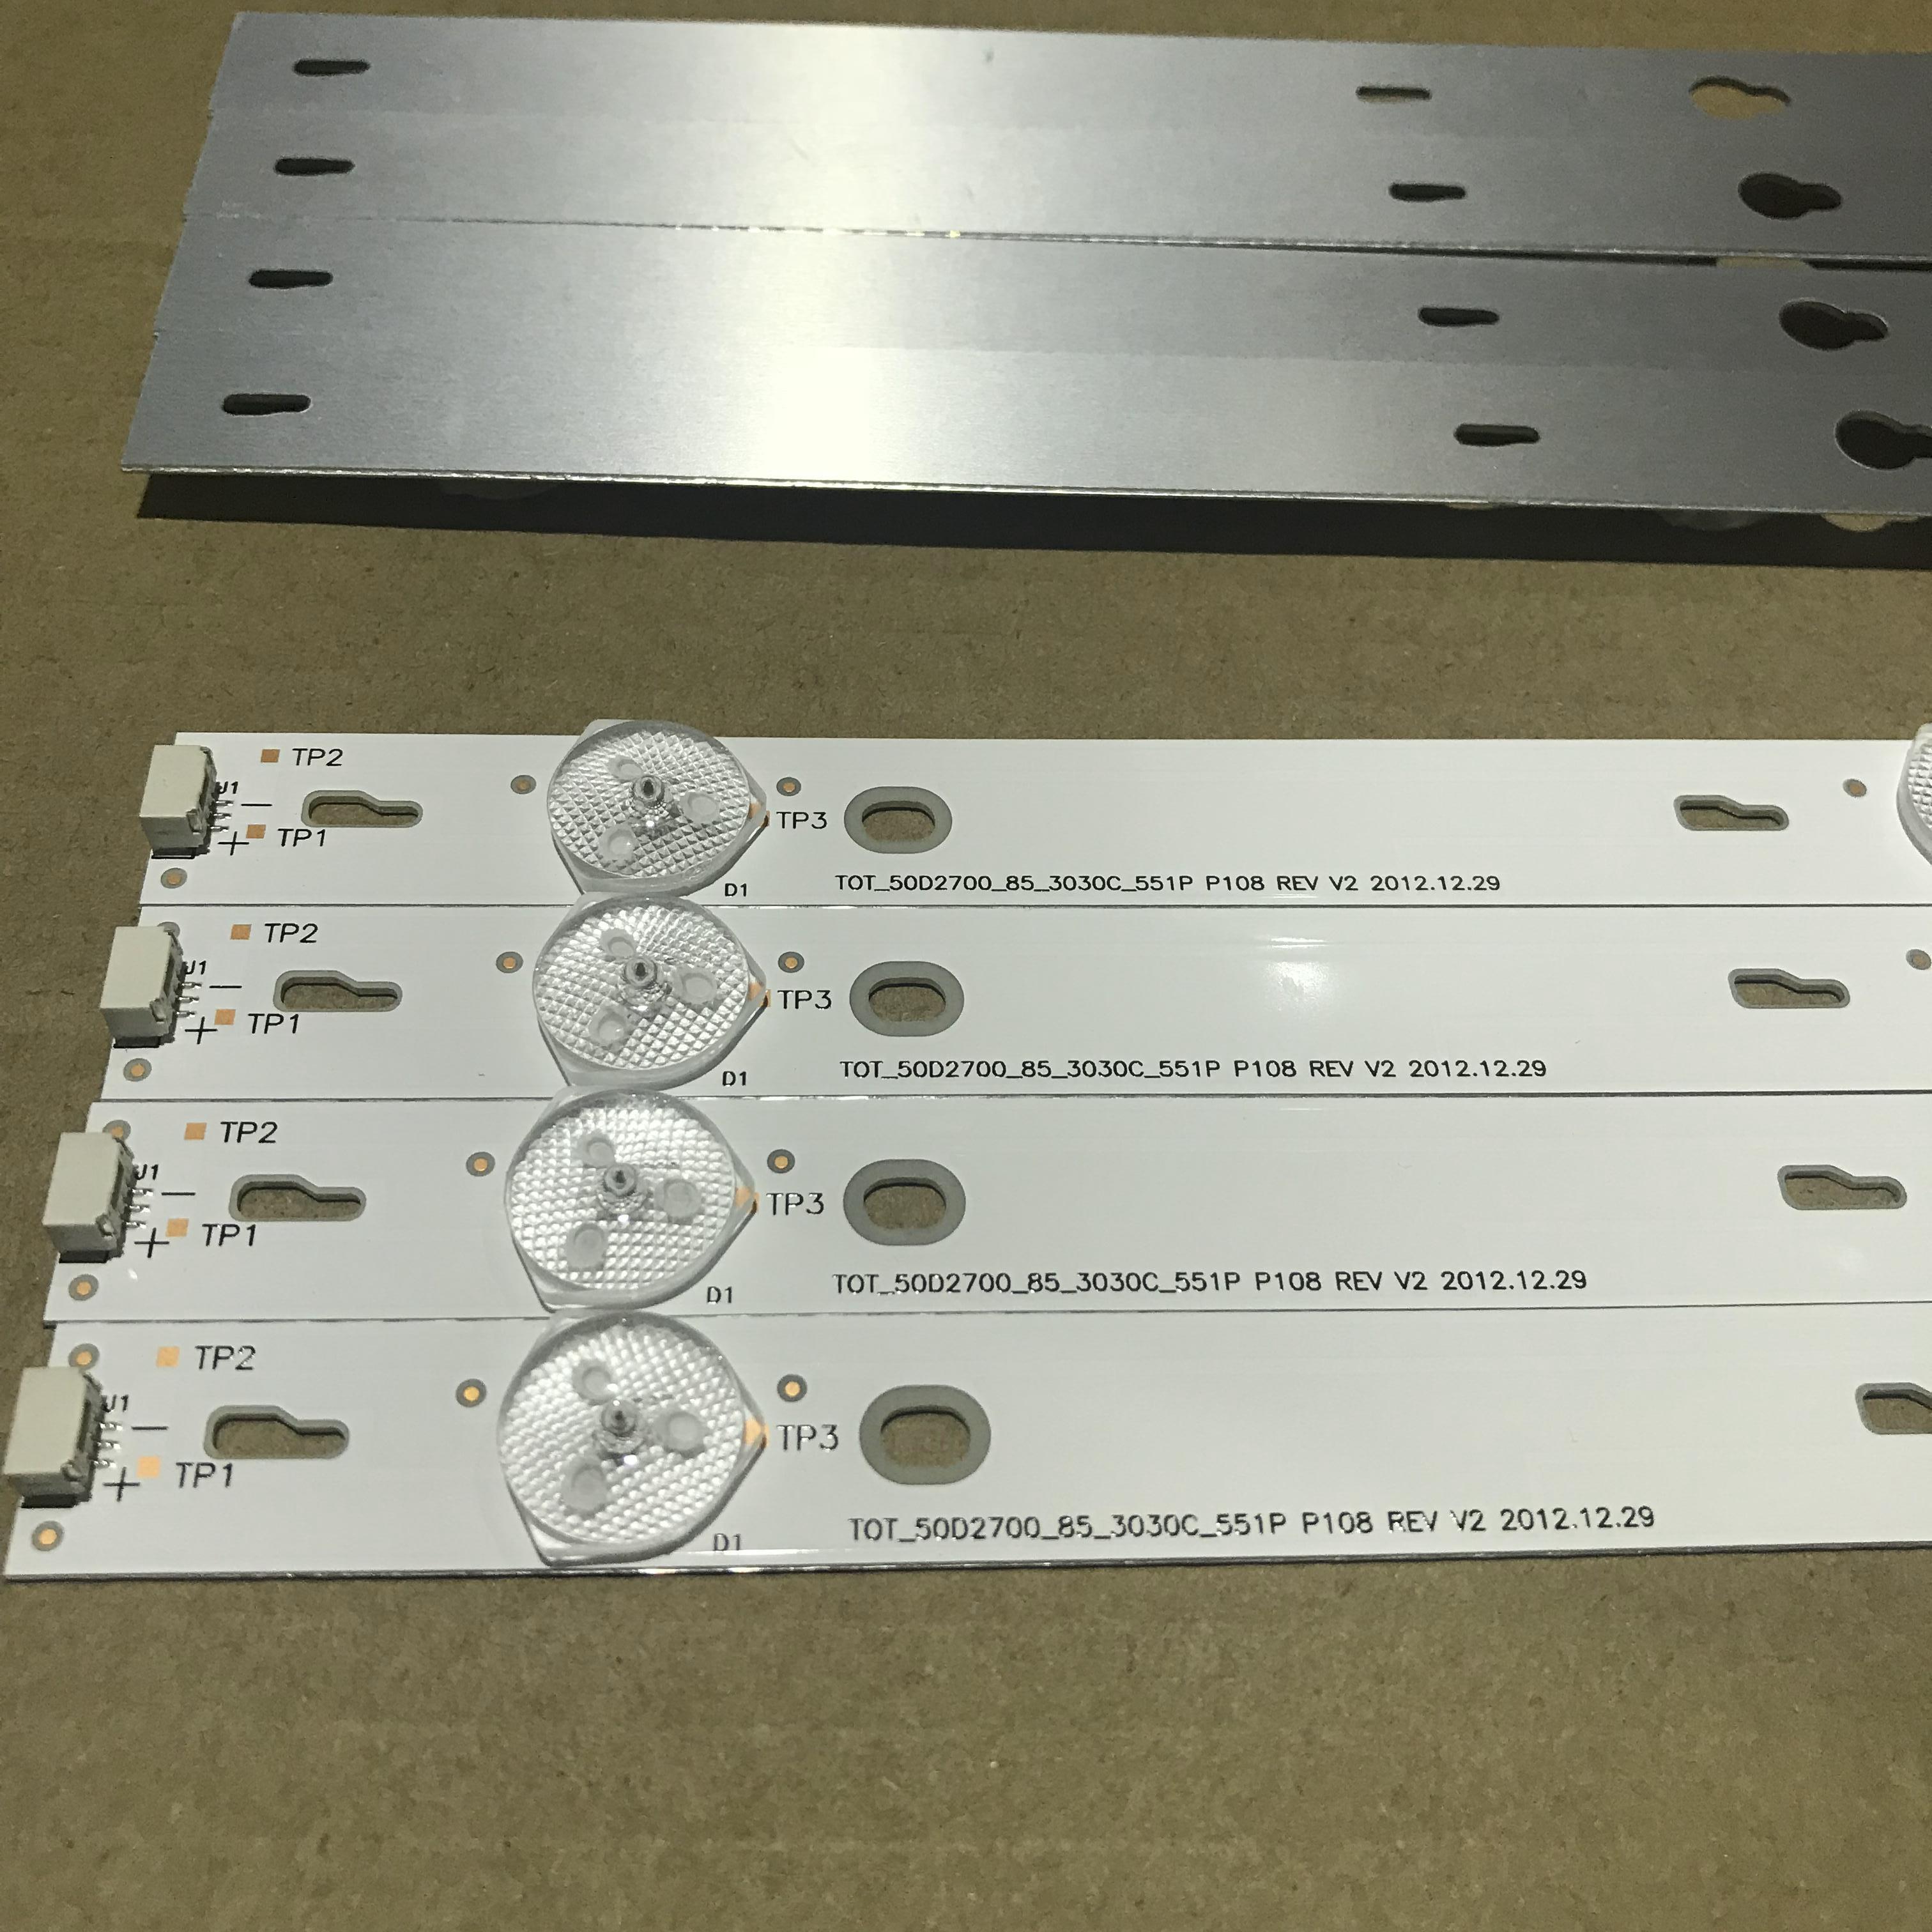 8pieces LED Backlight Strip Lamp For TCL L50F3800A Led Strip 4C-LB500T-YH2 TOT-50D2700-8X5-3030C-5S1P